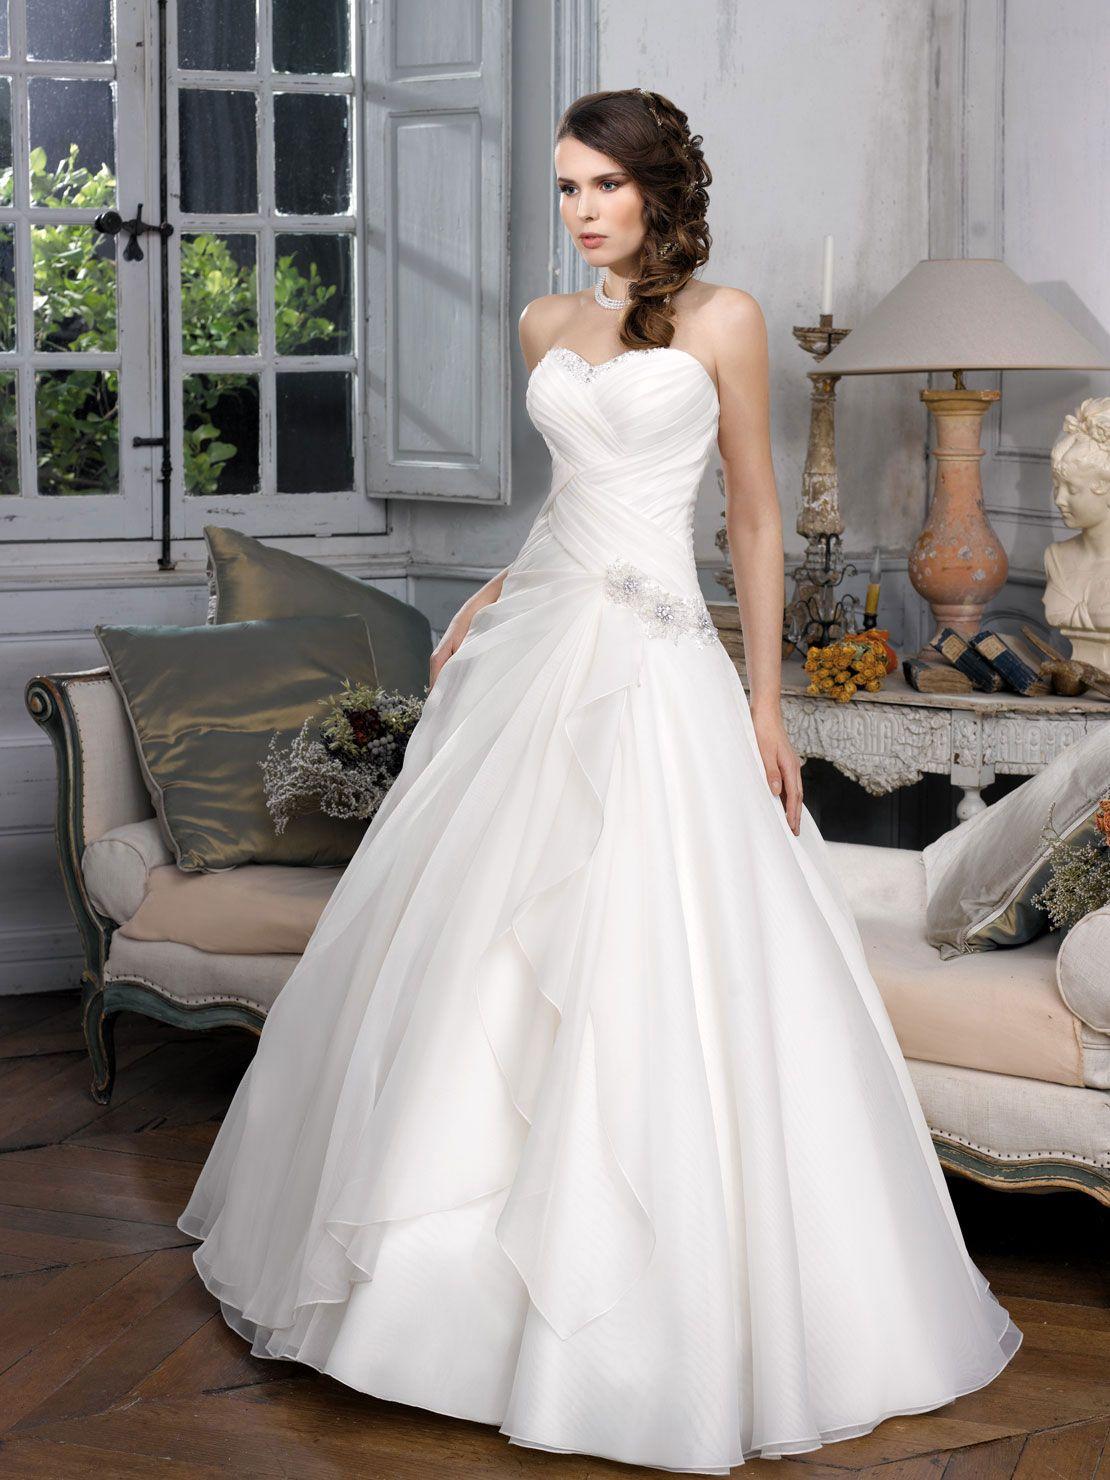 Ecru wedding dress  Collections   Robes mariées  Pinterest  Unique weddings